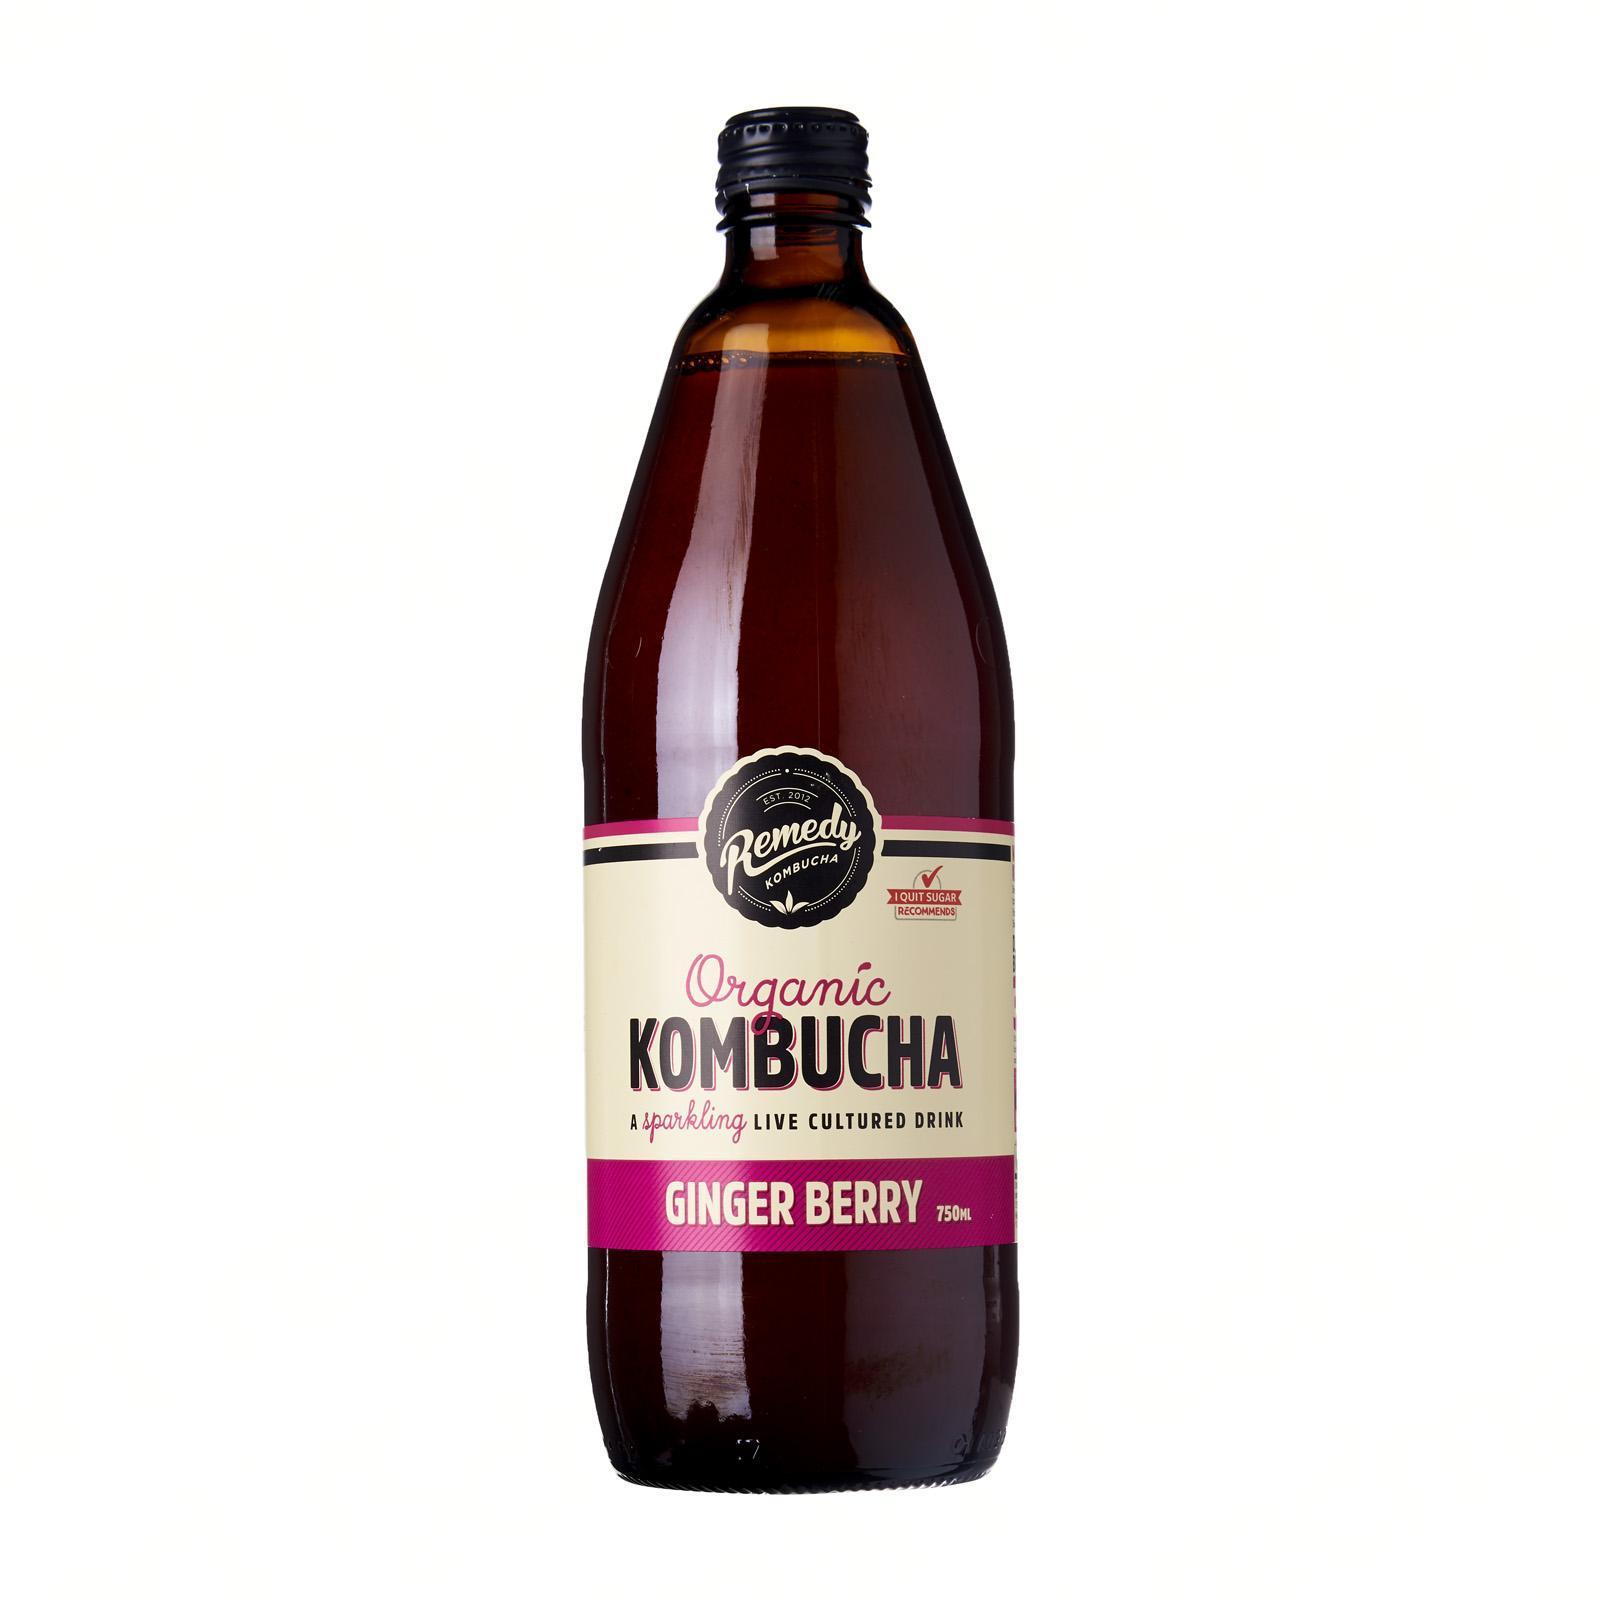 Remedy Organic Kombucha Ginger Berry By Redmart.